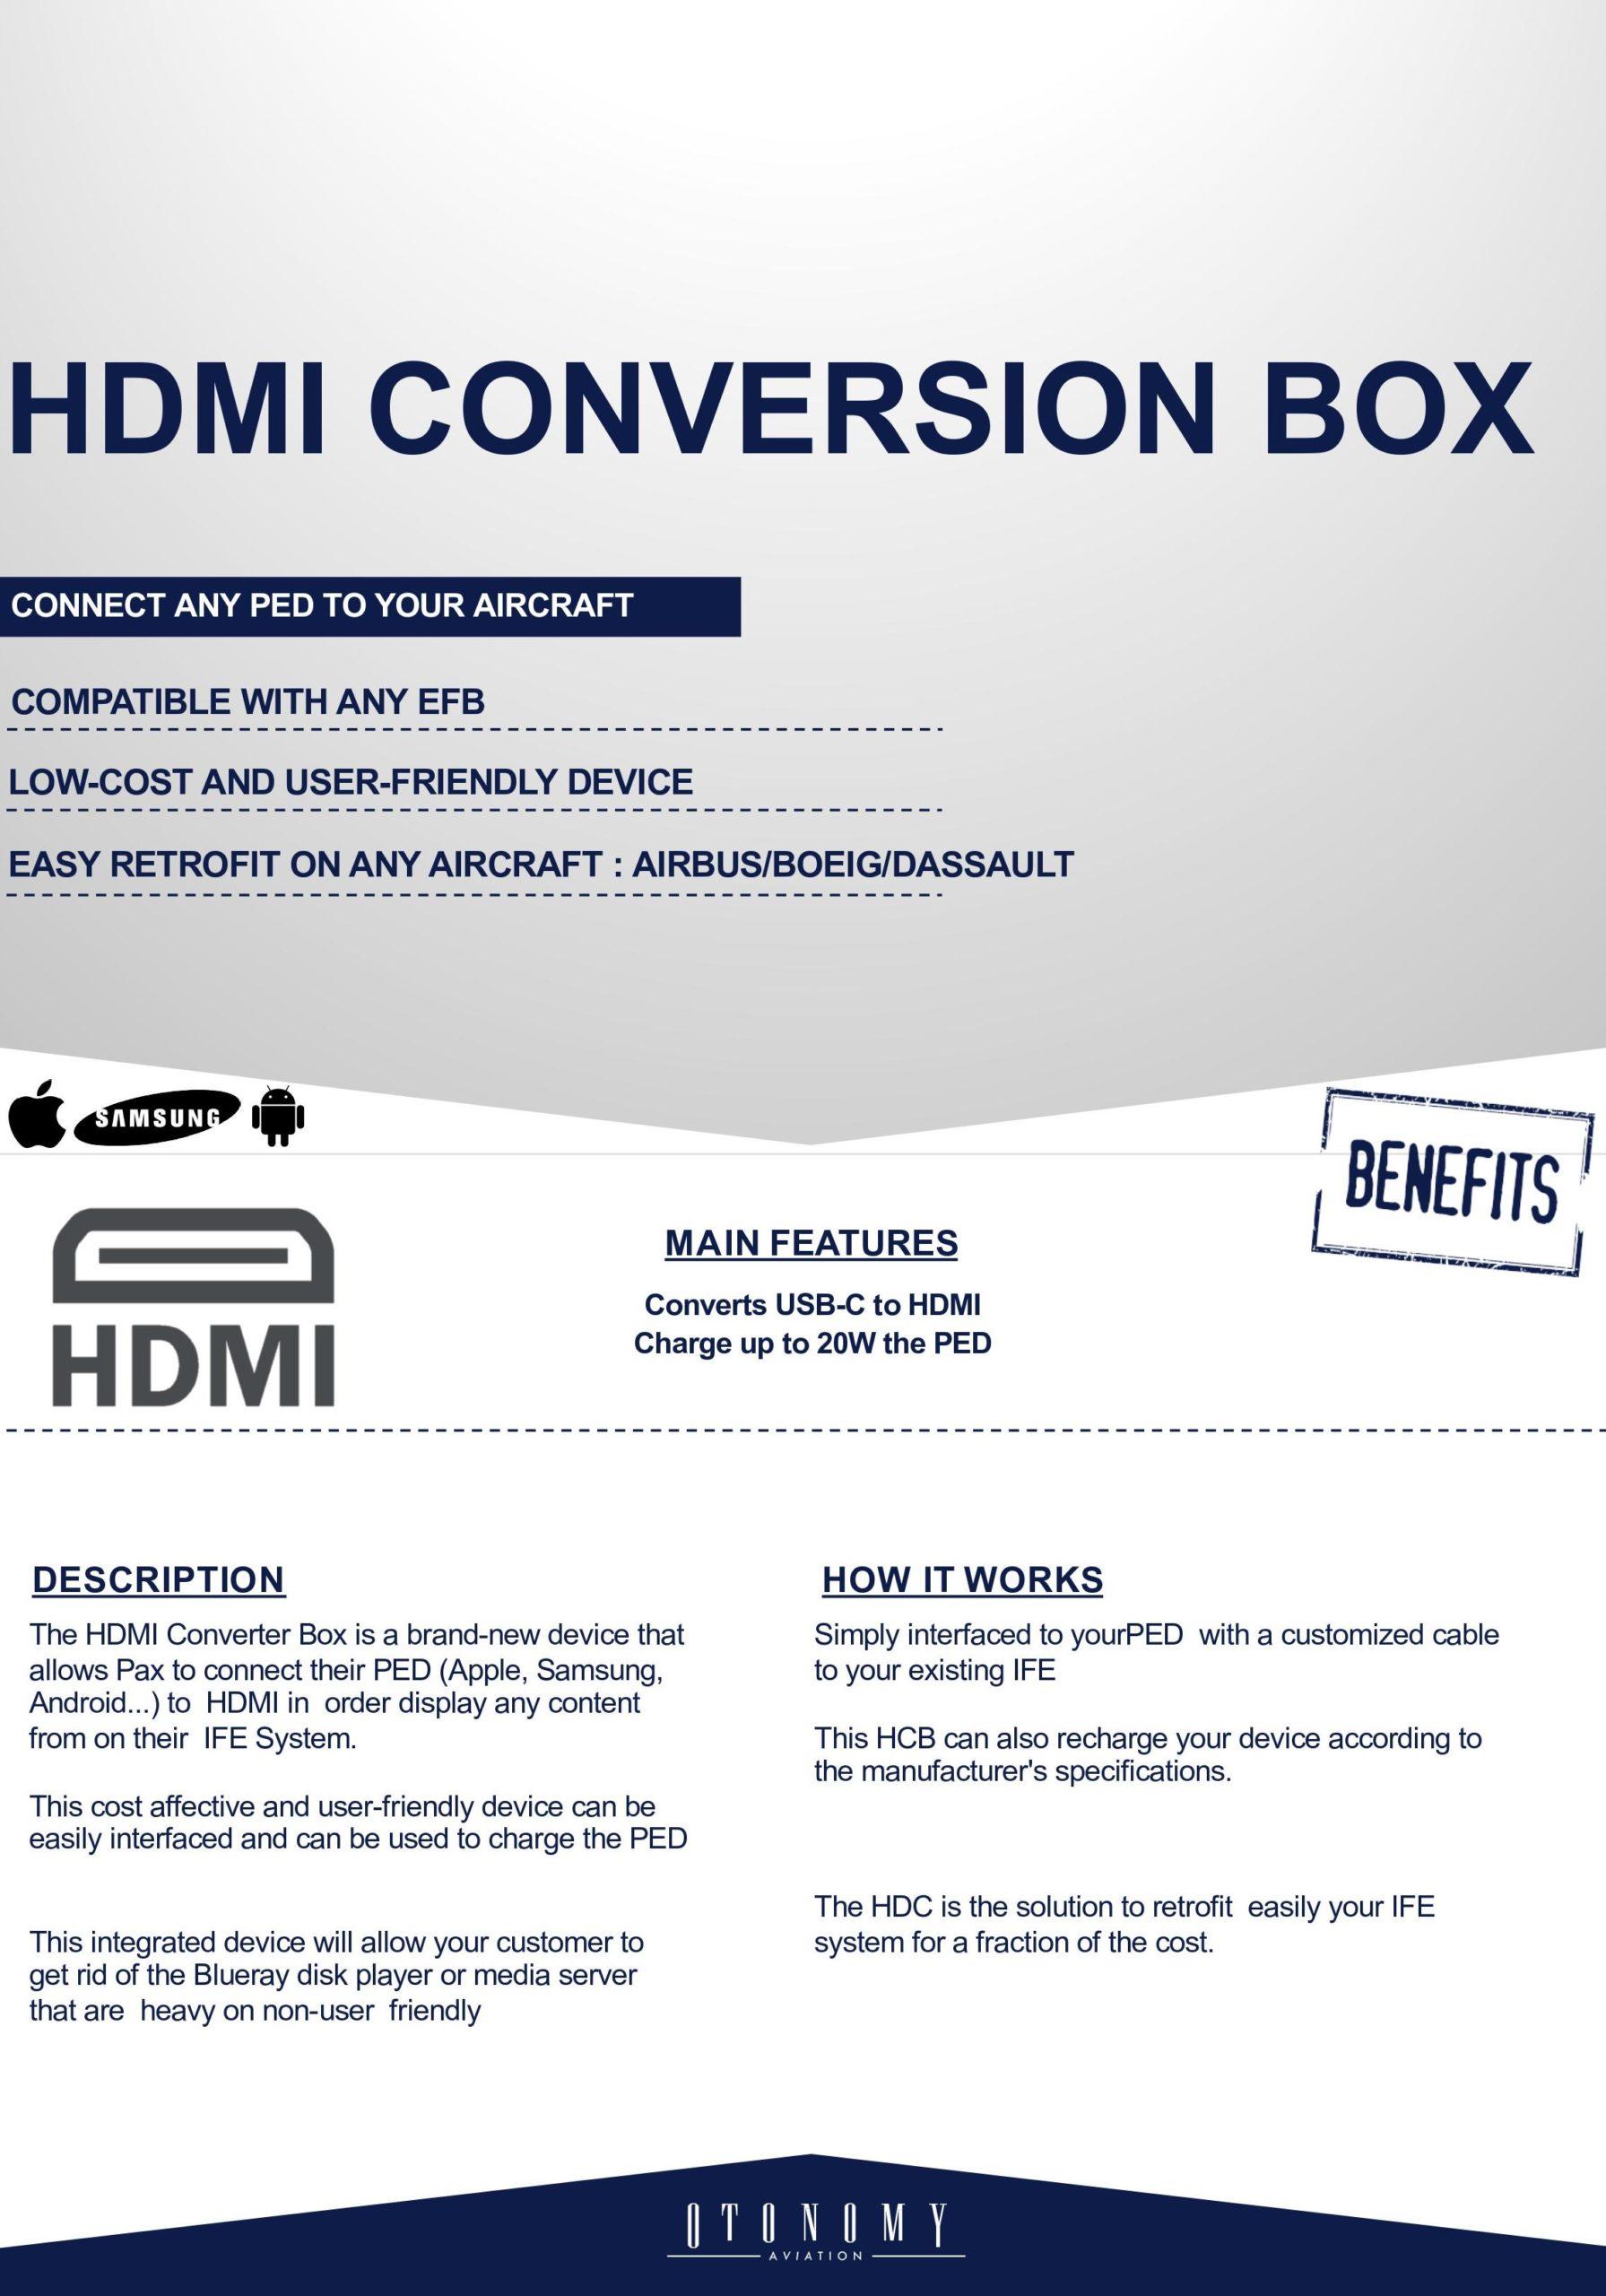 HDMI CONVERSION BOX